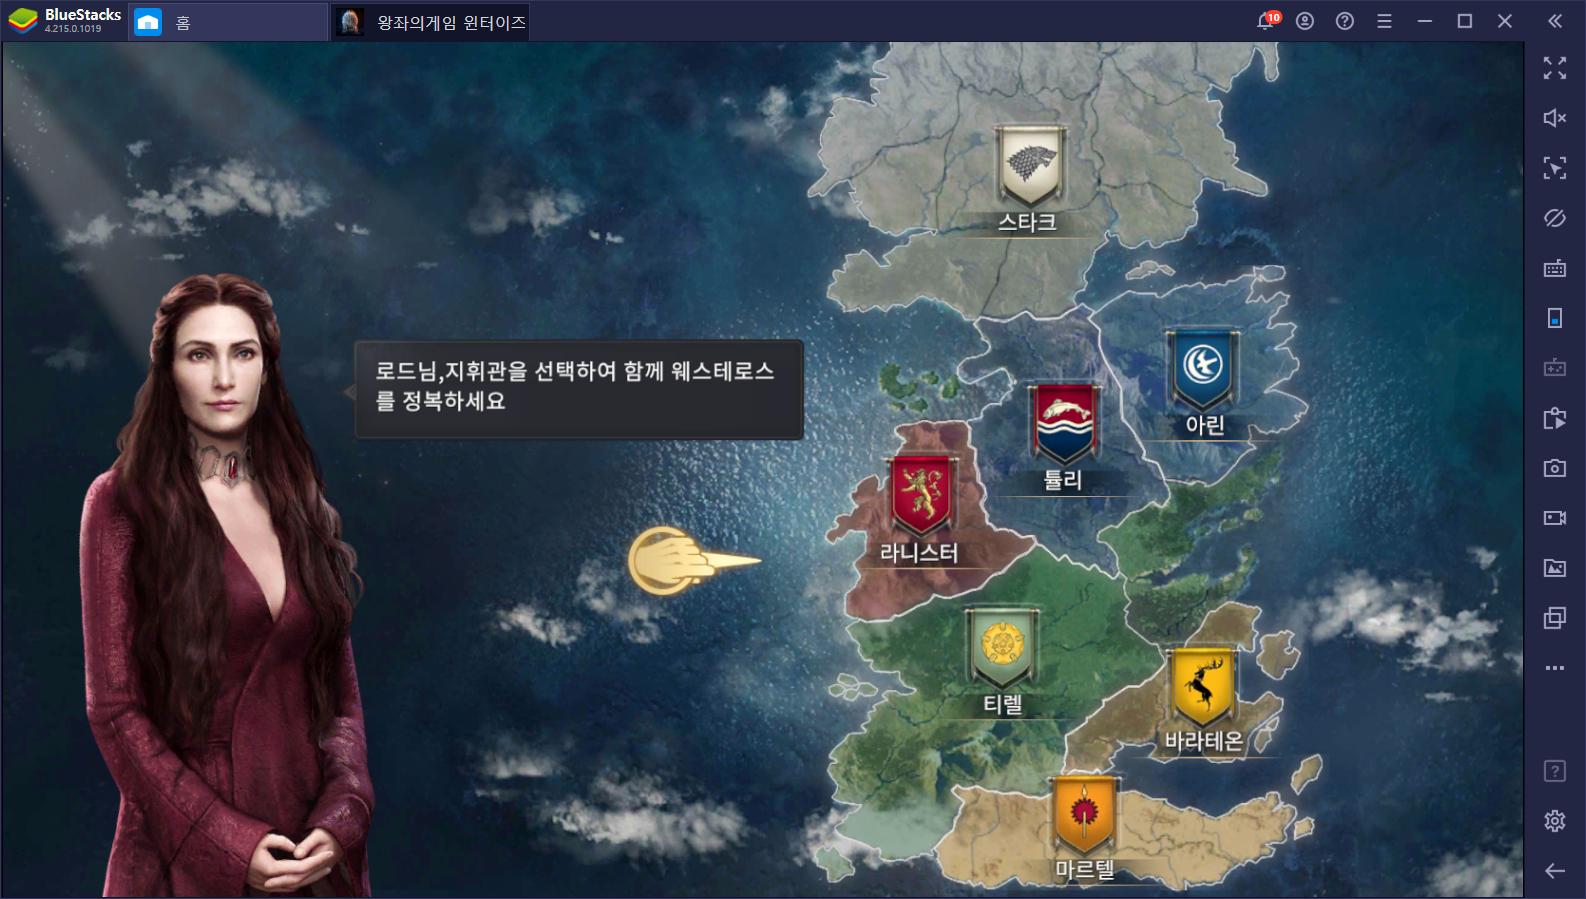 왕좌의게임: 윈터이즈커밍 가문에 대한 모든 공략!